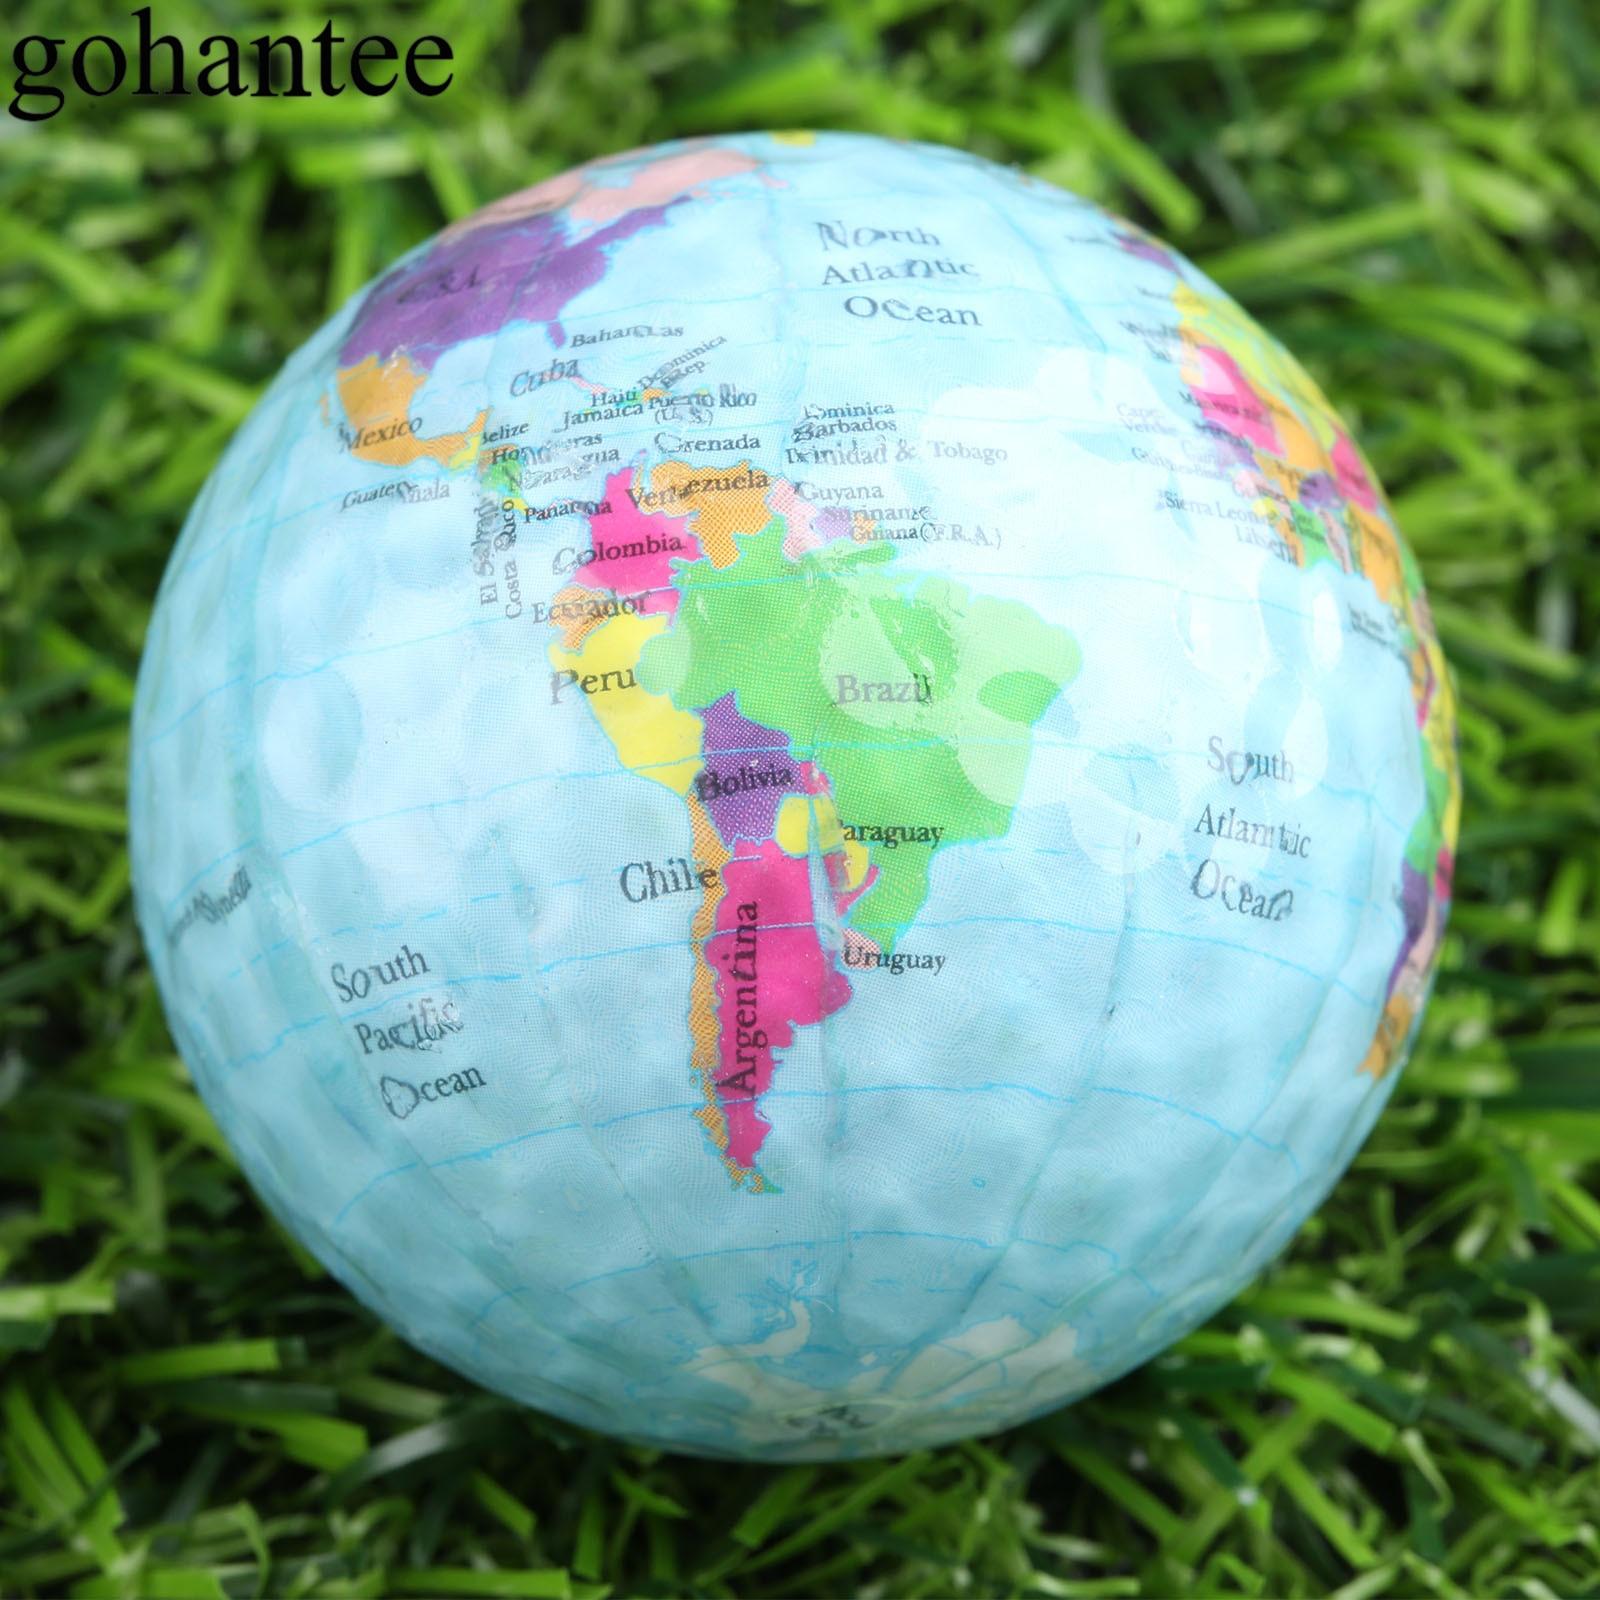 Gohantee 3 pçs lote globo mapa cor